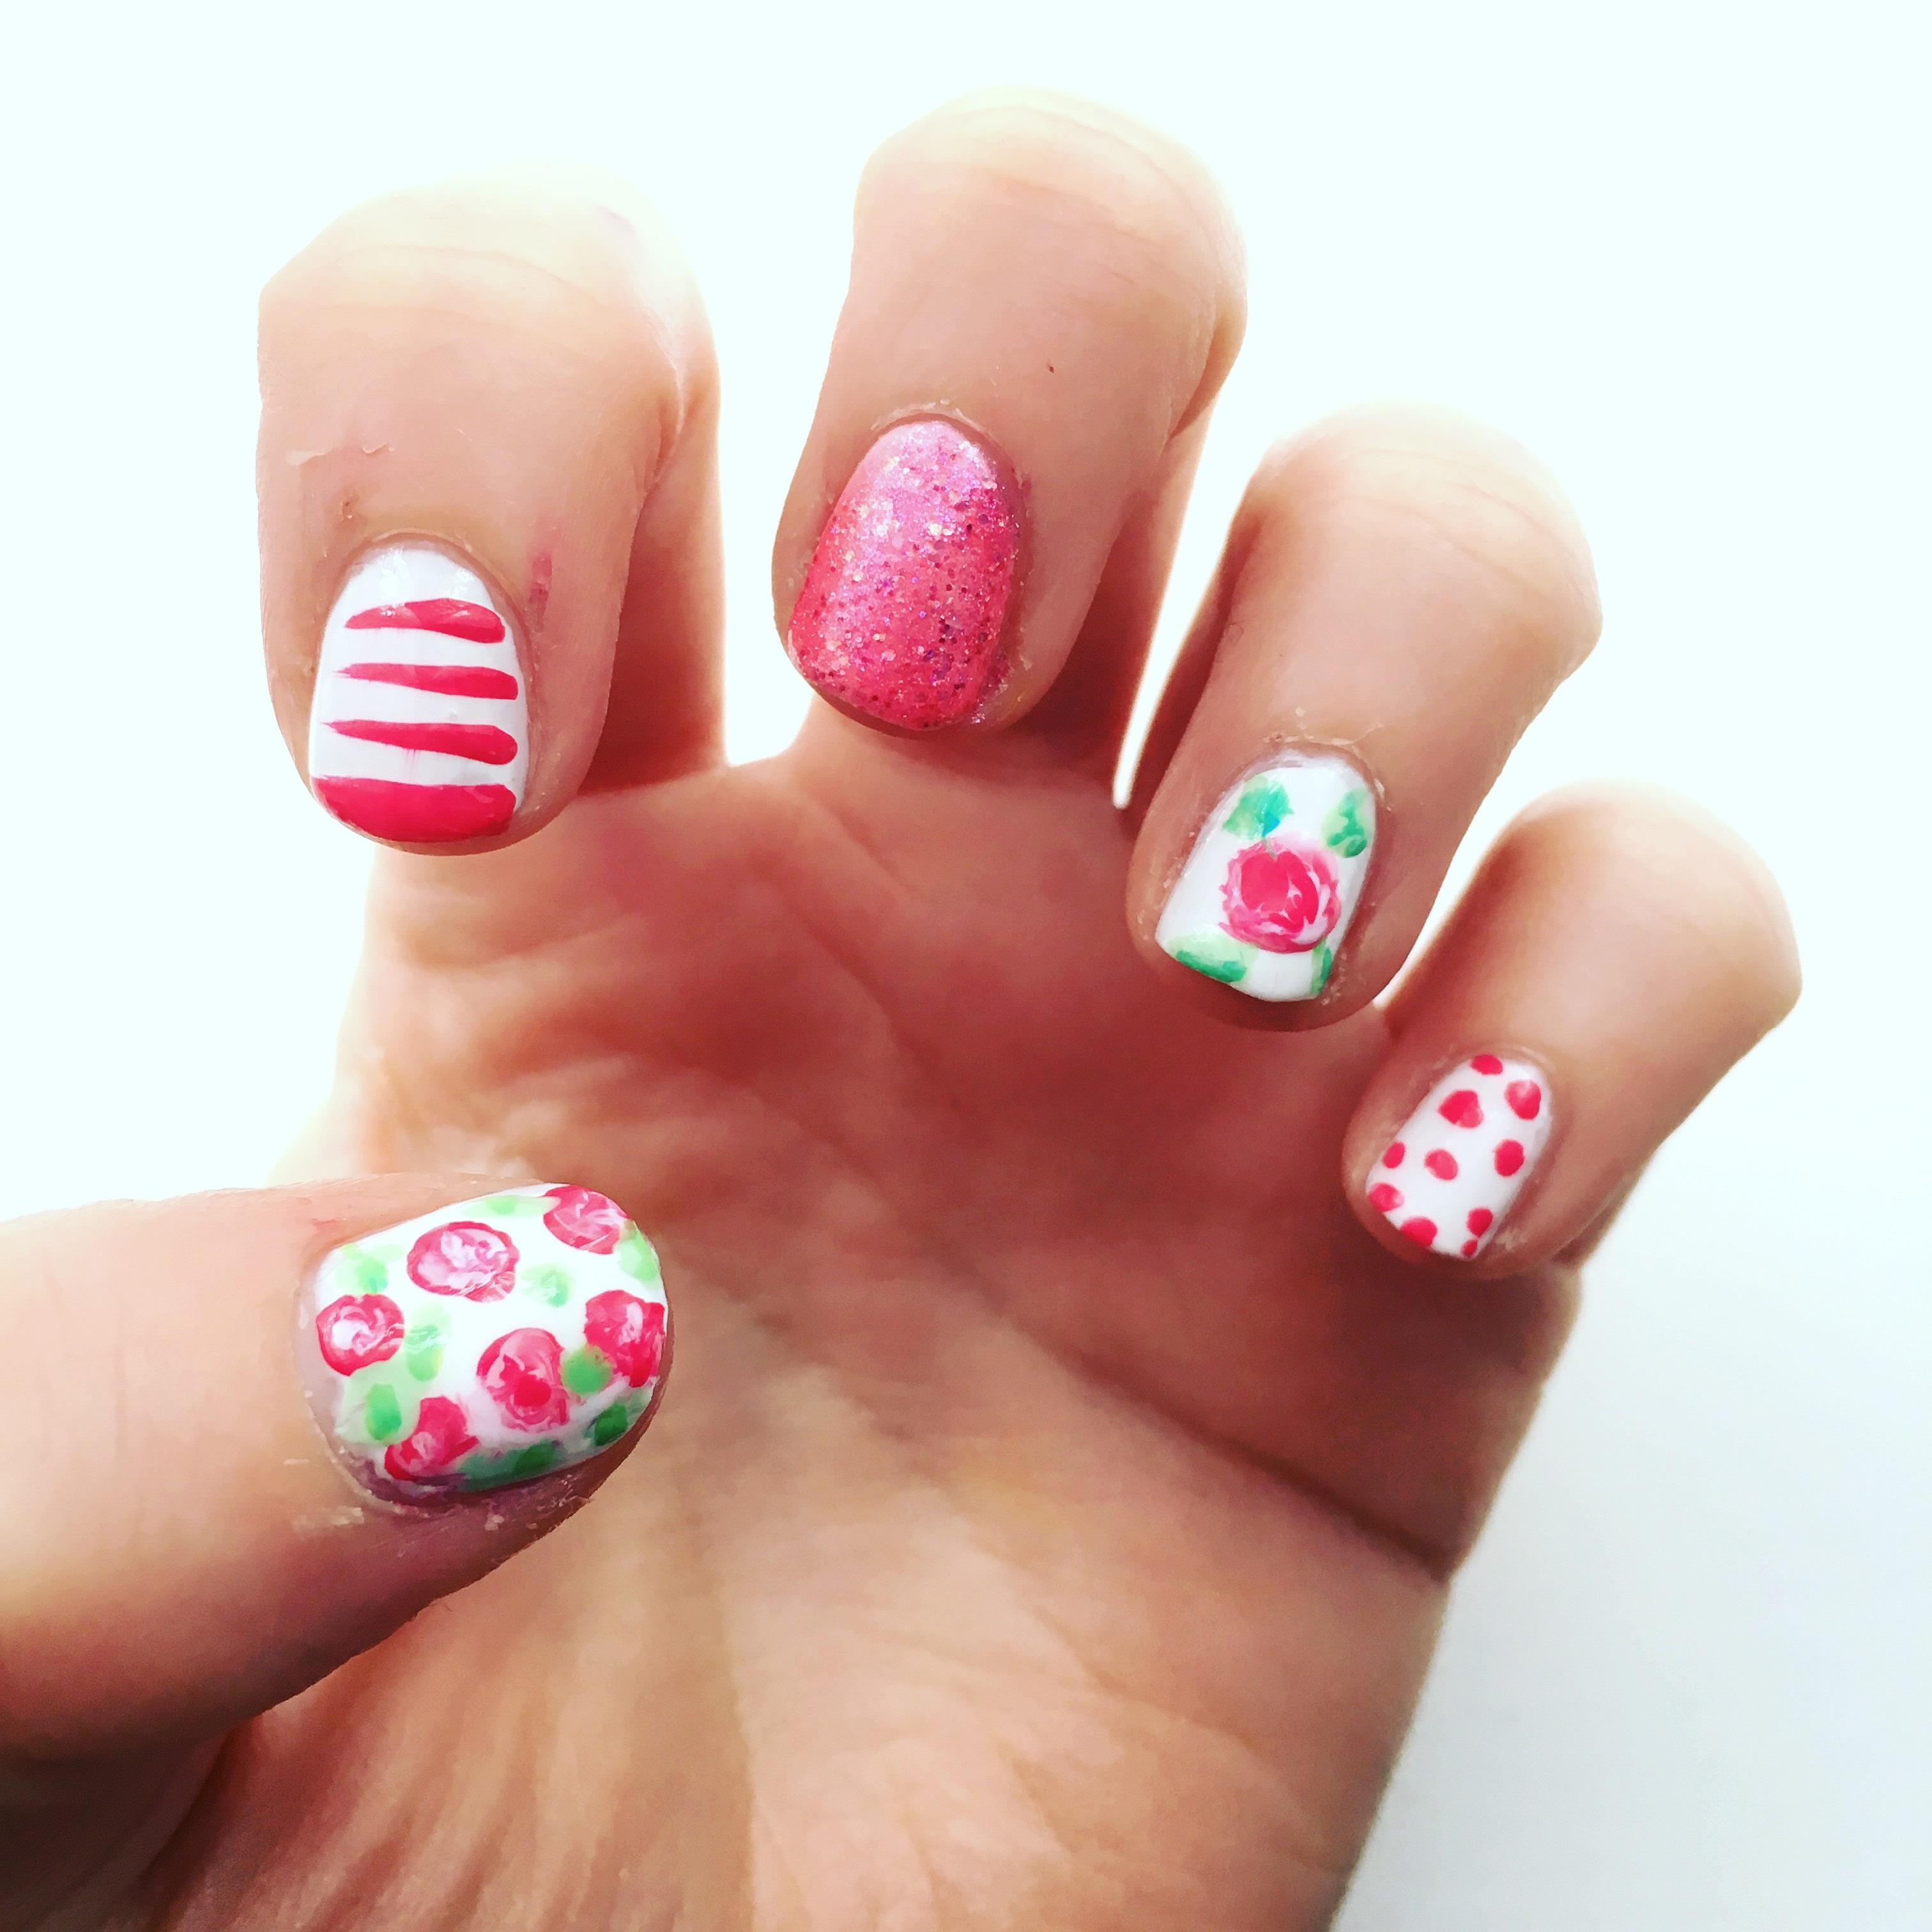 Pretty pink nail art